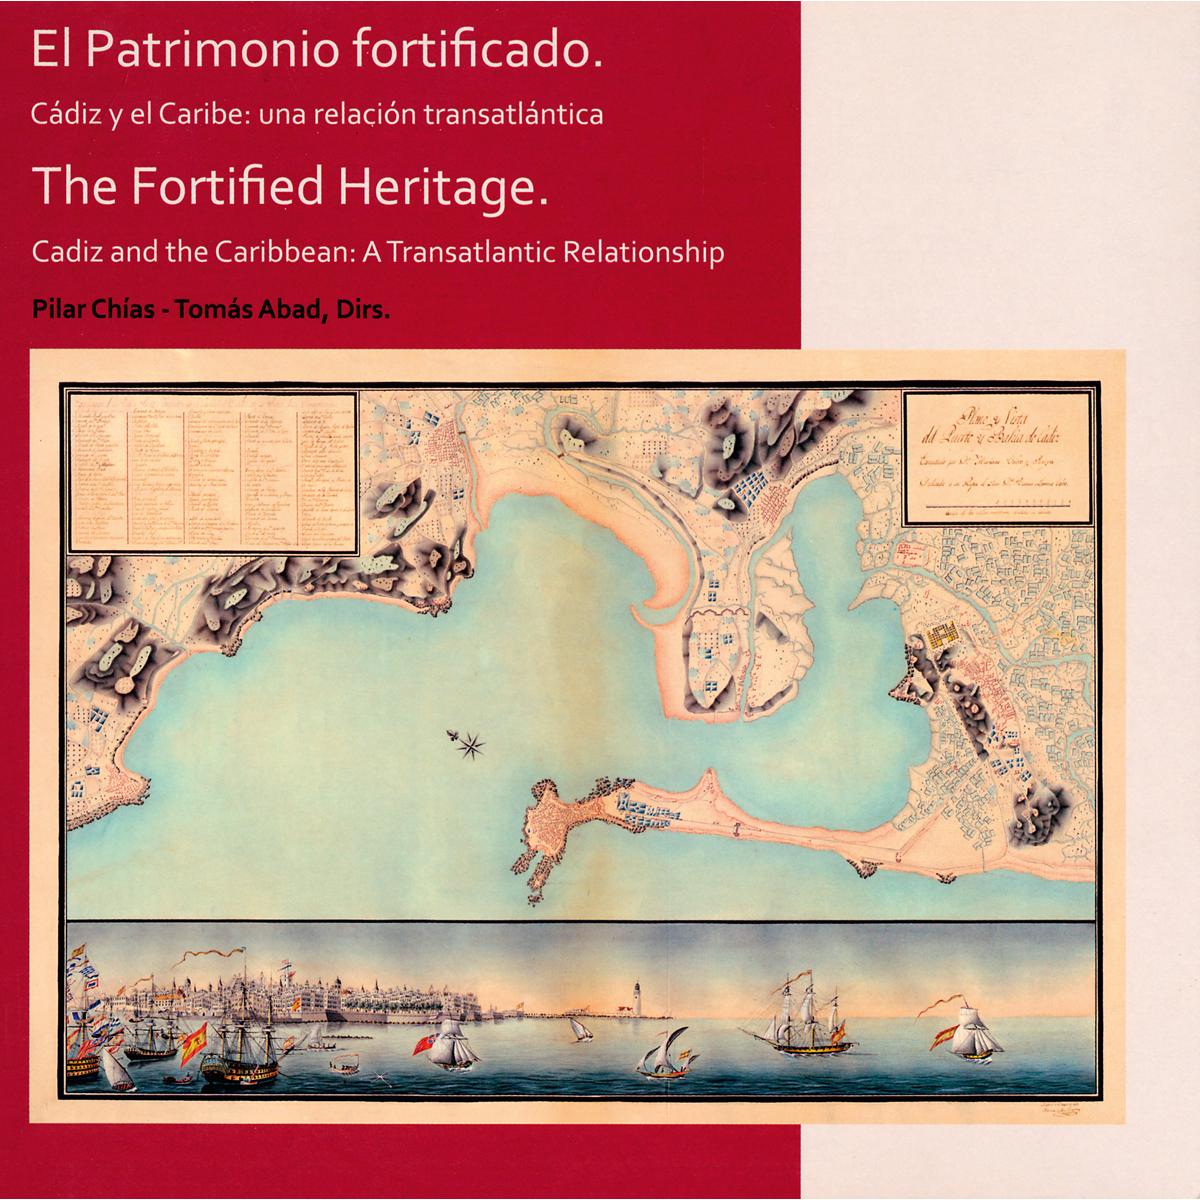 El patrimonio fortificado